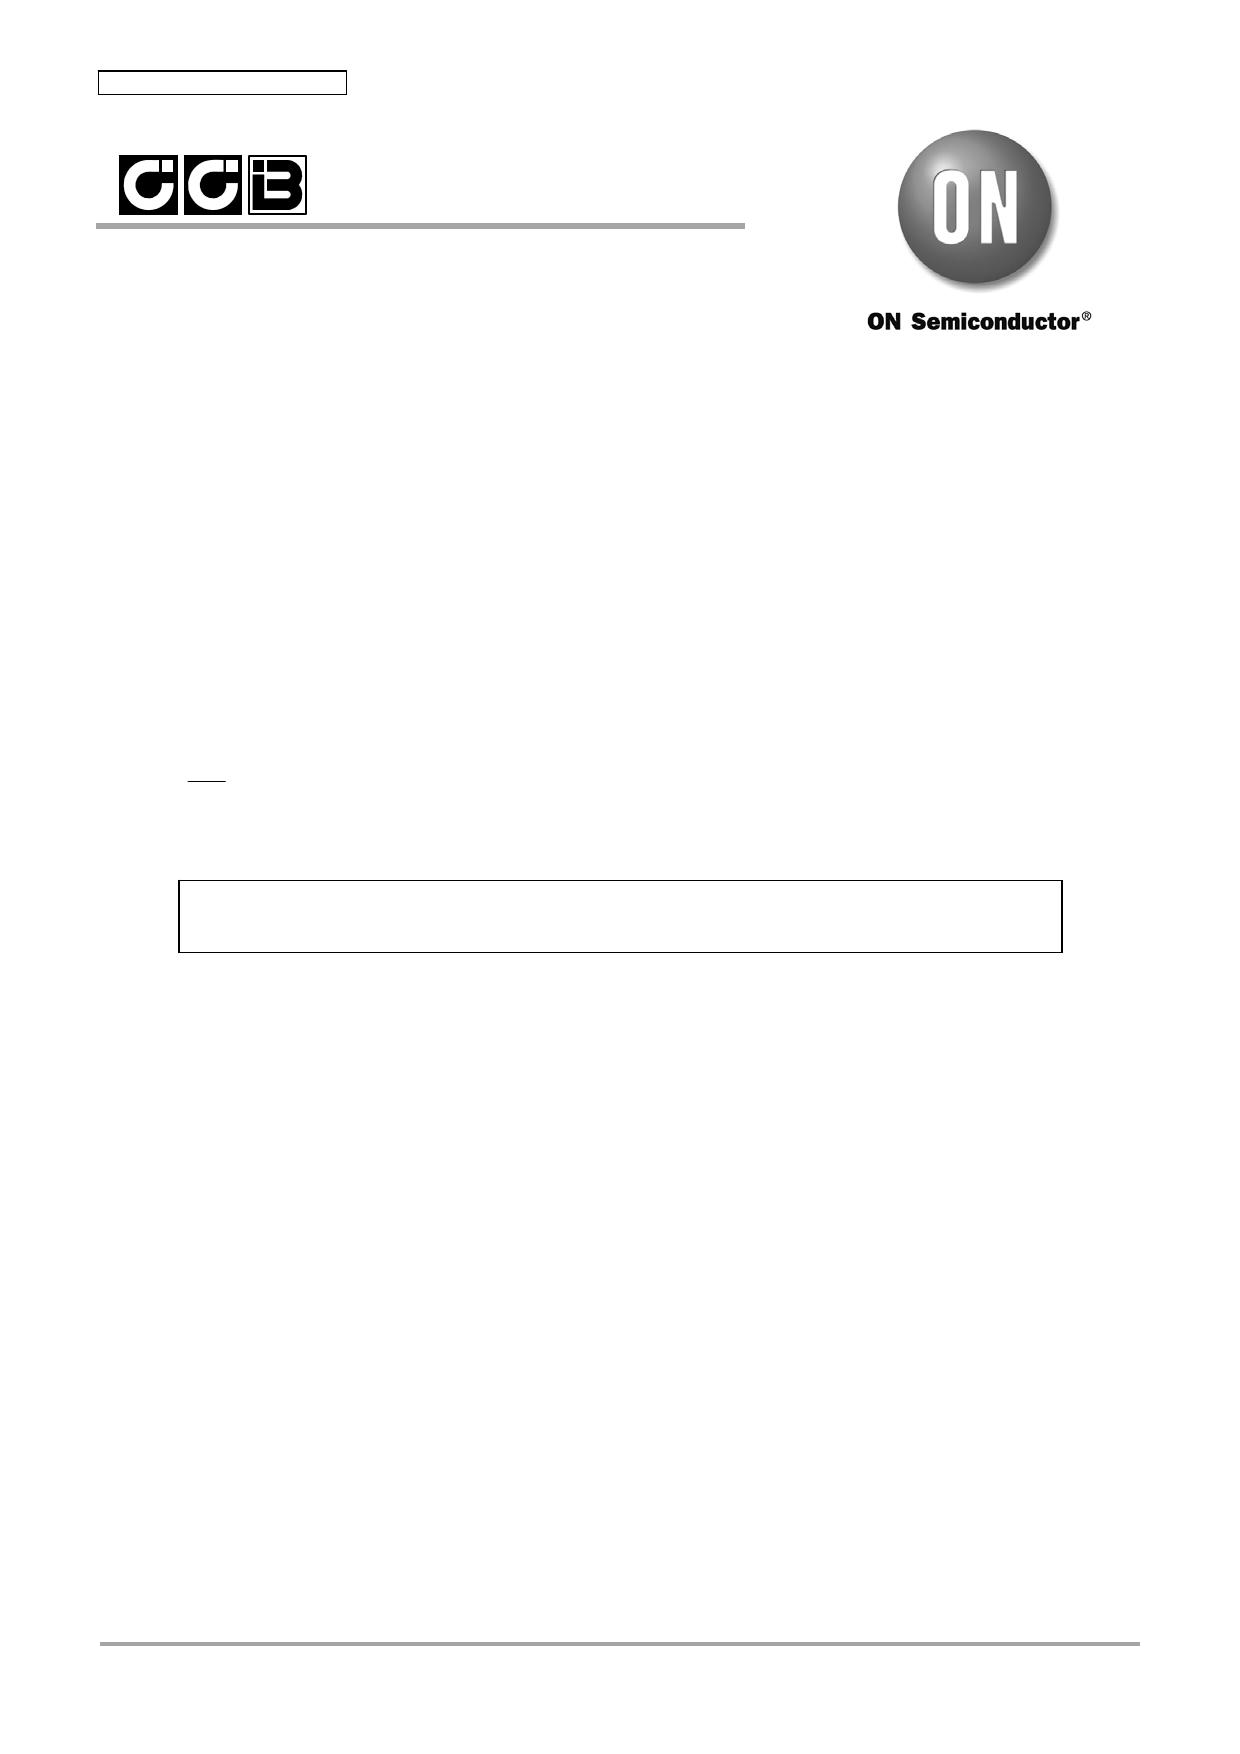 LC75836W datasheet